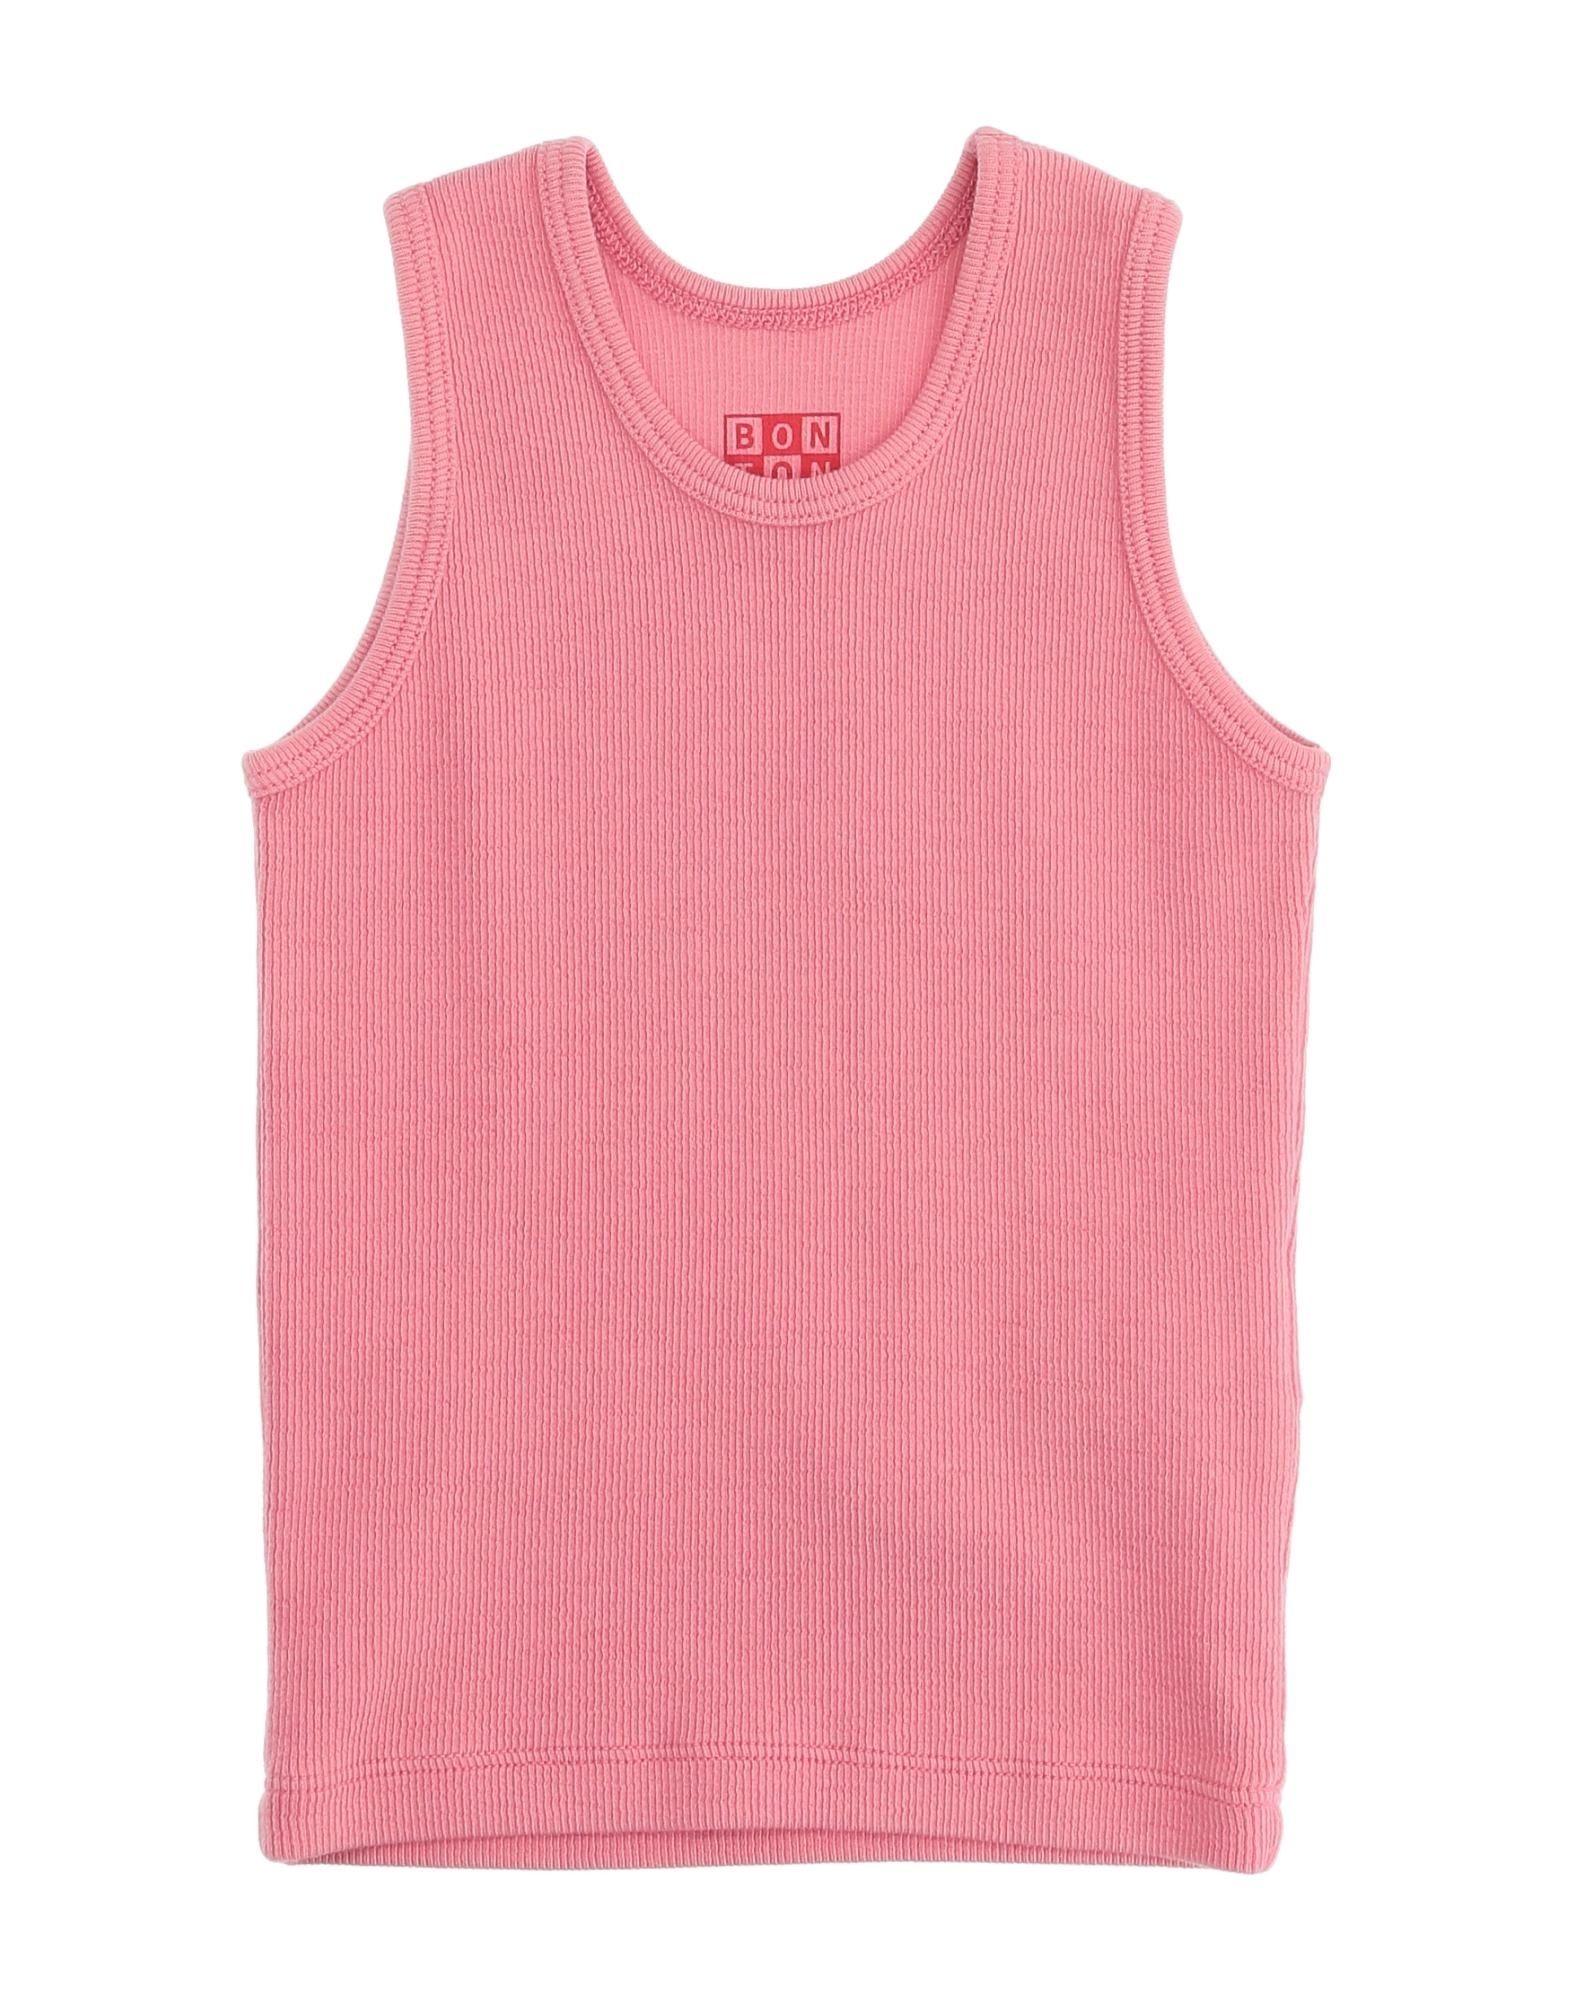 Bonton Kids' T-shirts In Pink